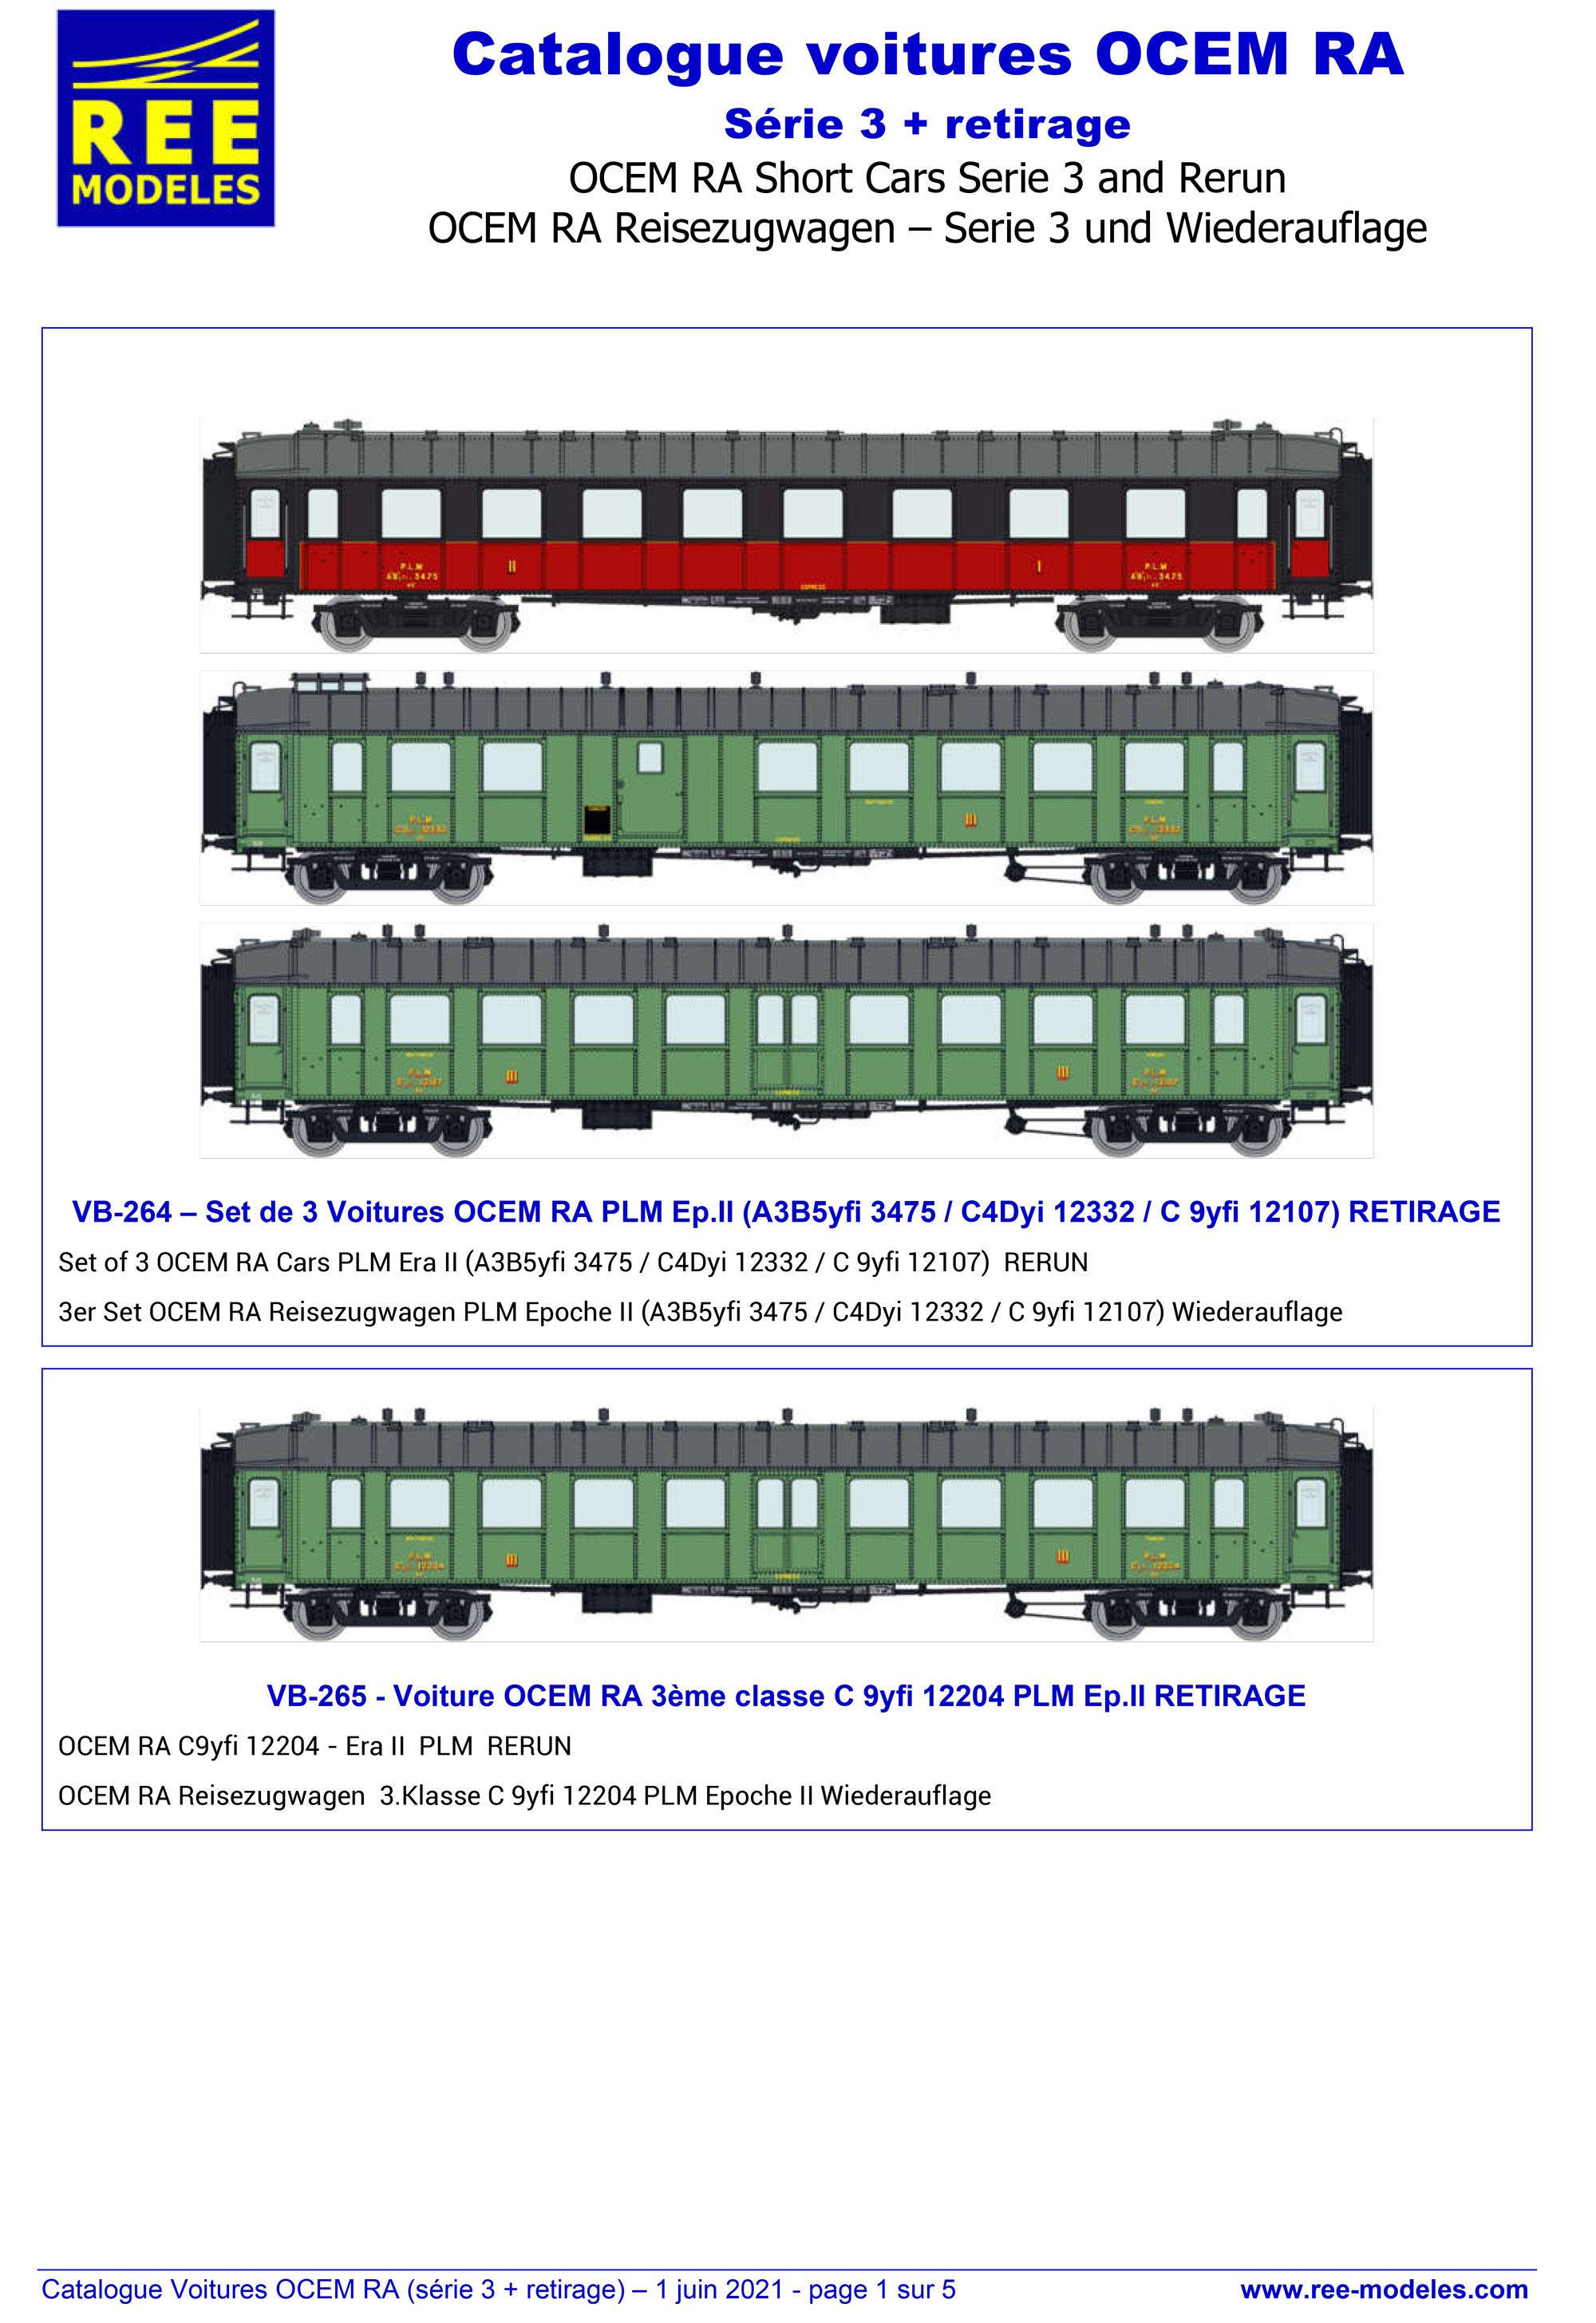 Rails Europ Express - OCEM RA passenger coaches (3rd series & rerun)